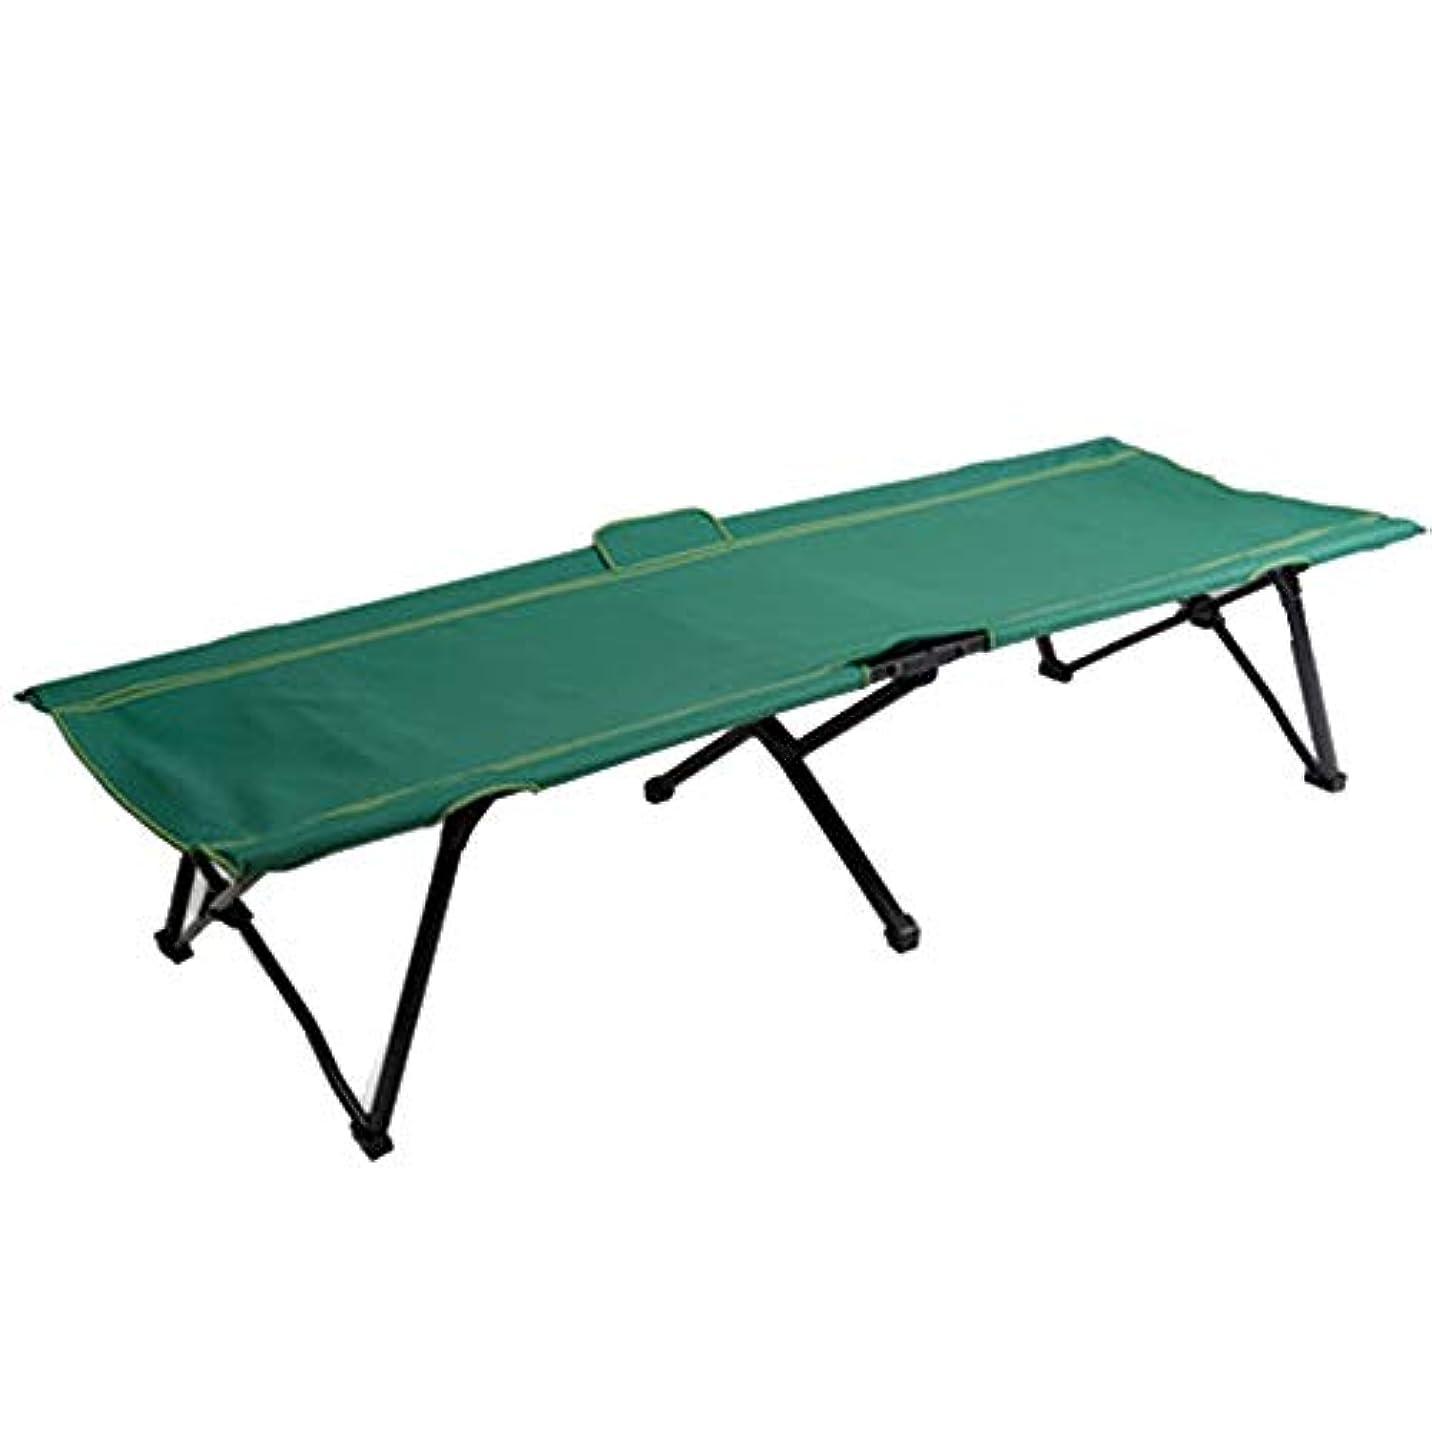 集中のど有限キャンプベッド折りたたみベッドシングルシエスタベッドグリーンシンプルで持ち運びが簡単クイックオープン (Color : Green)